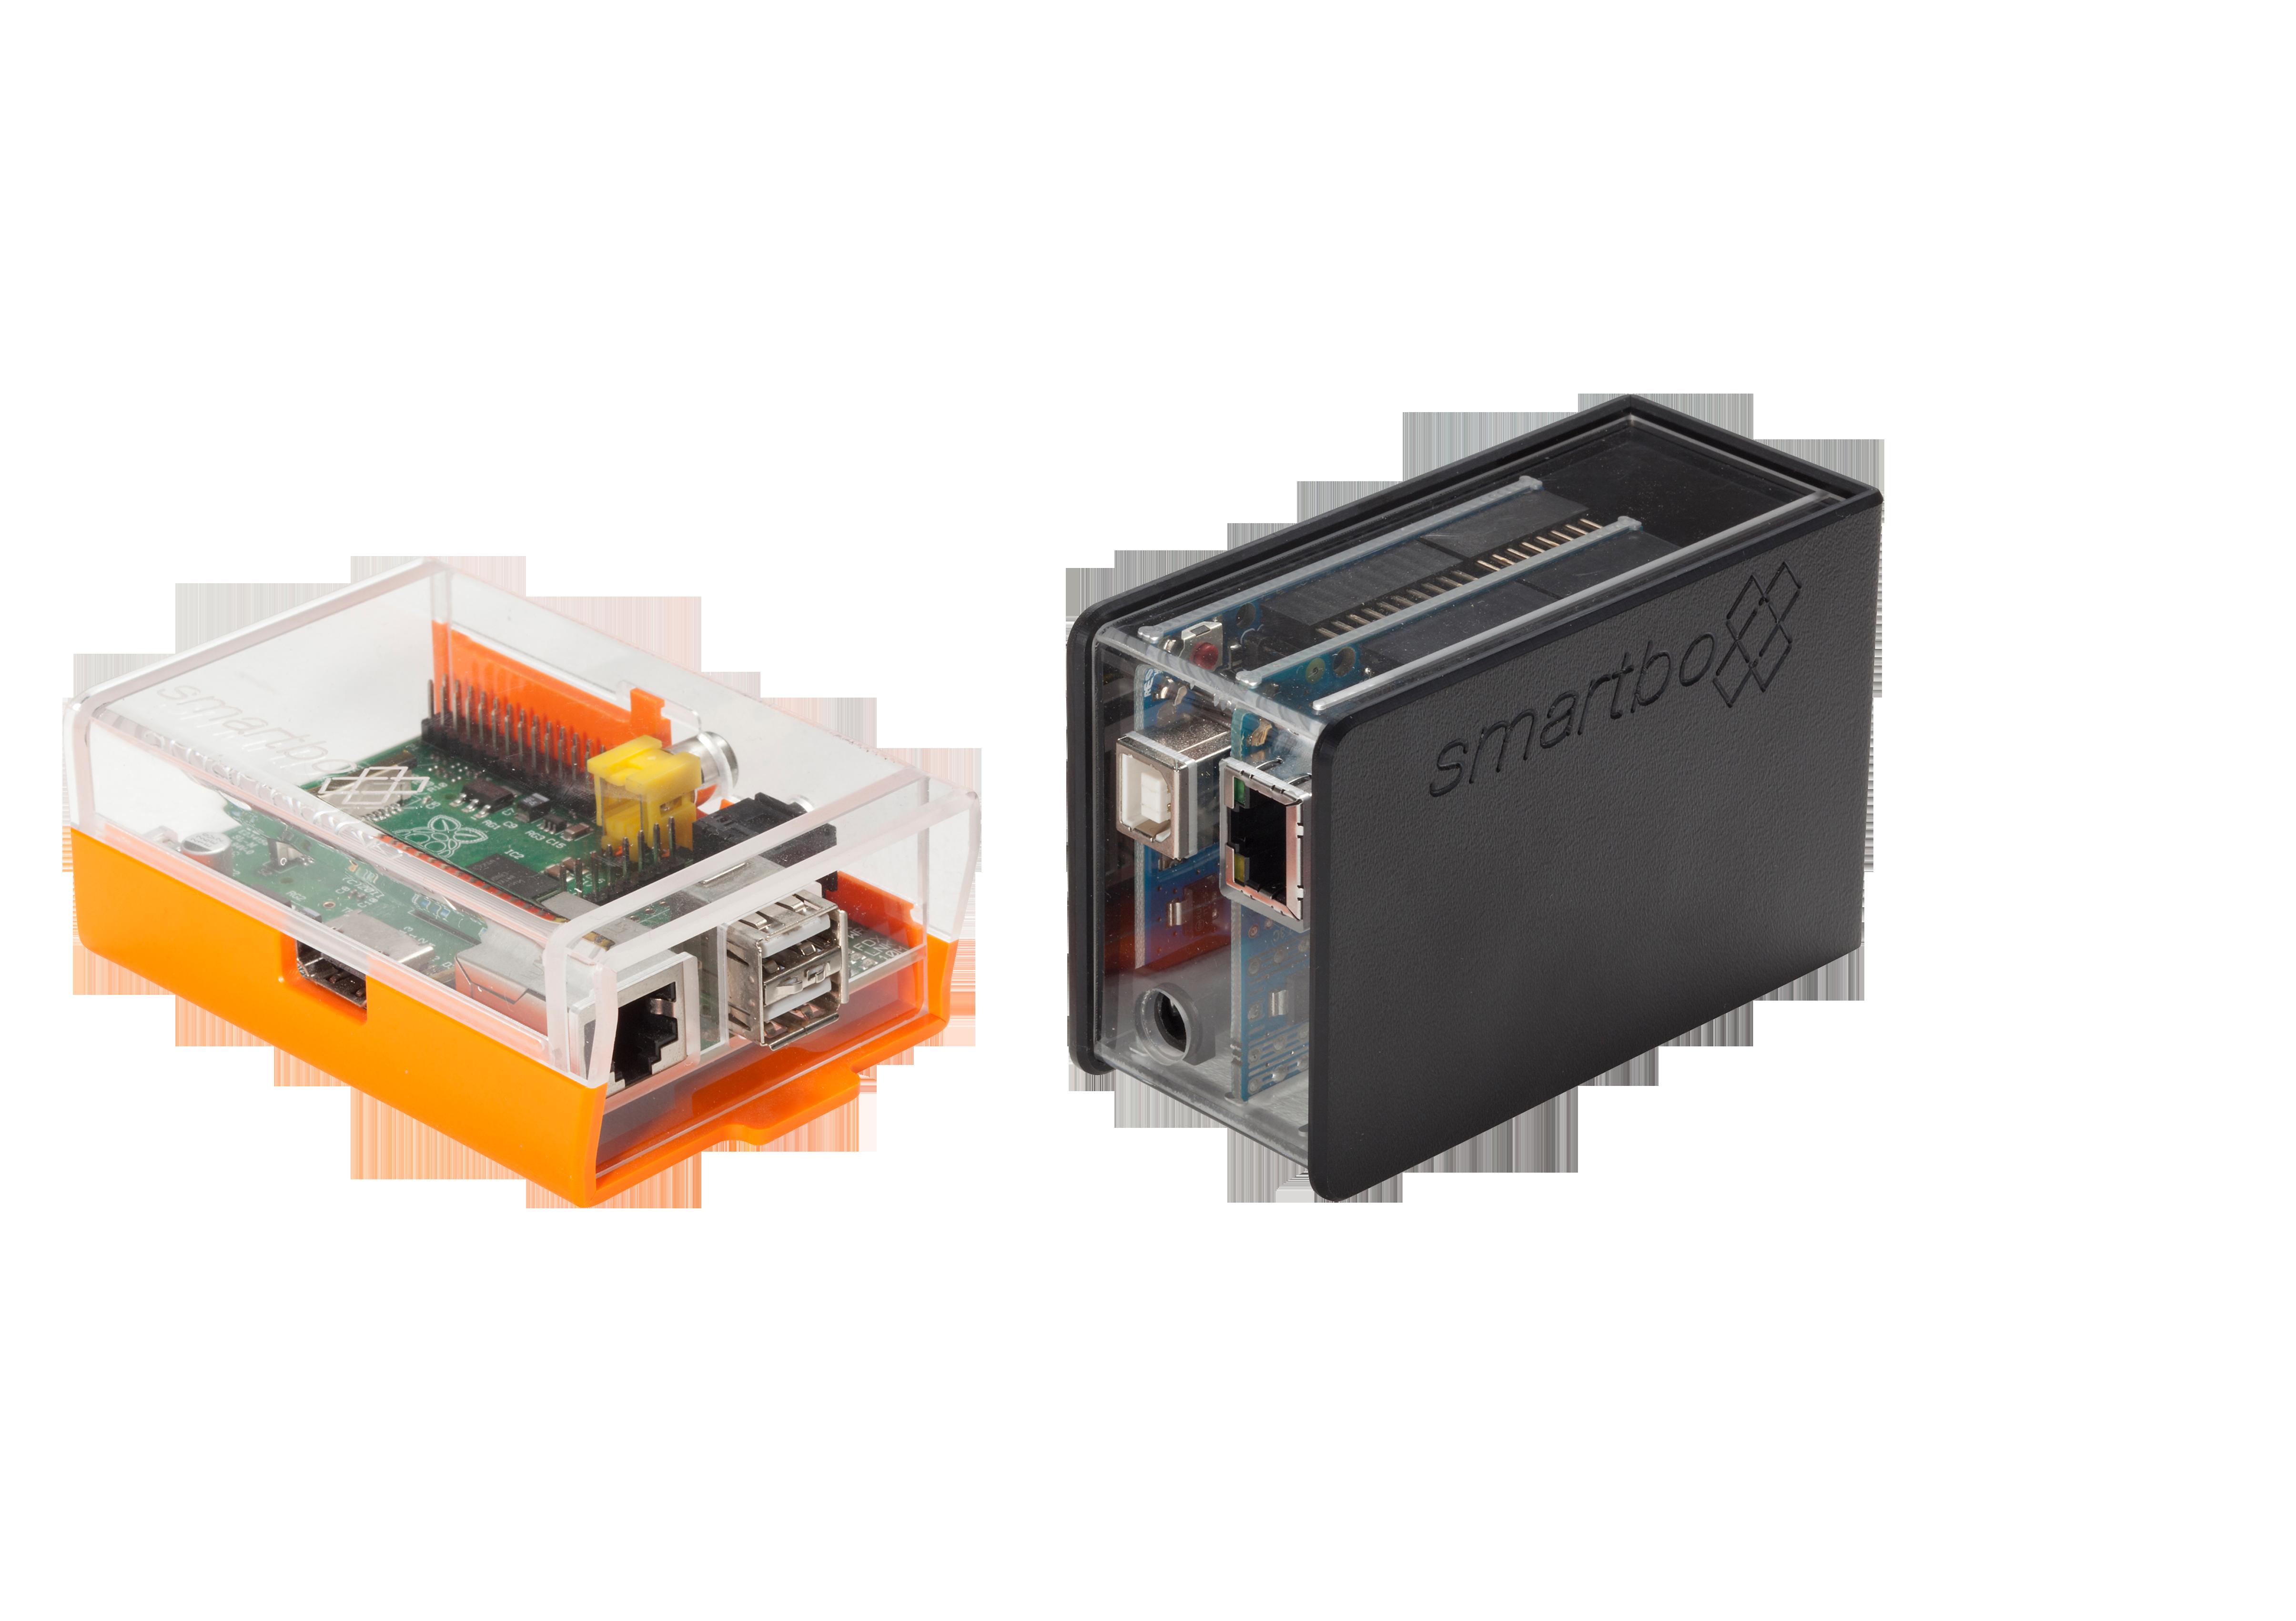 Custom Plastic Enclosure Design and Manufacture | smartboxx